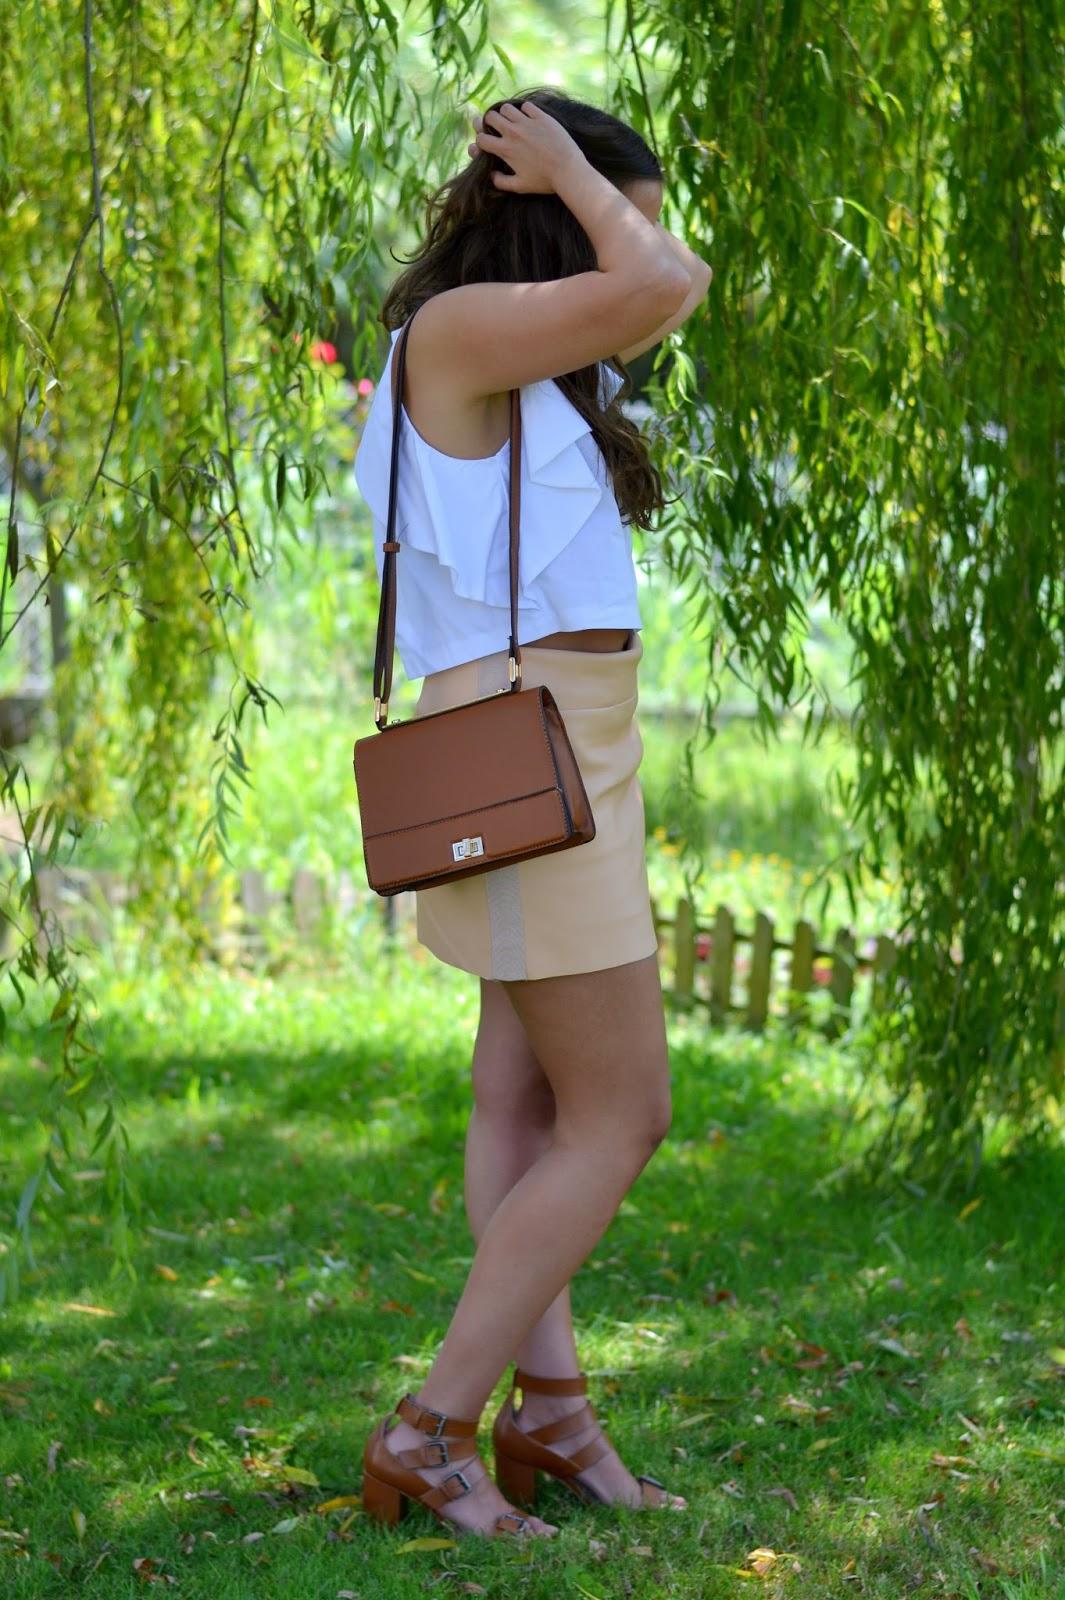 leatherette zara skirt, camel sandals bag, white top backless zara